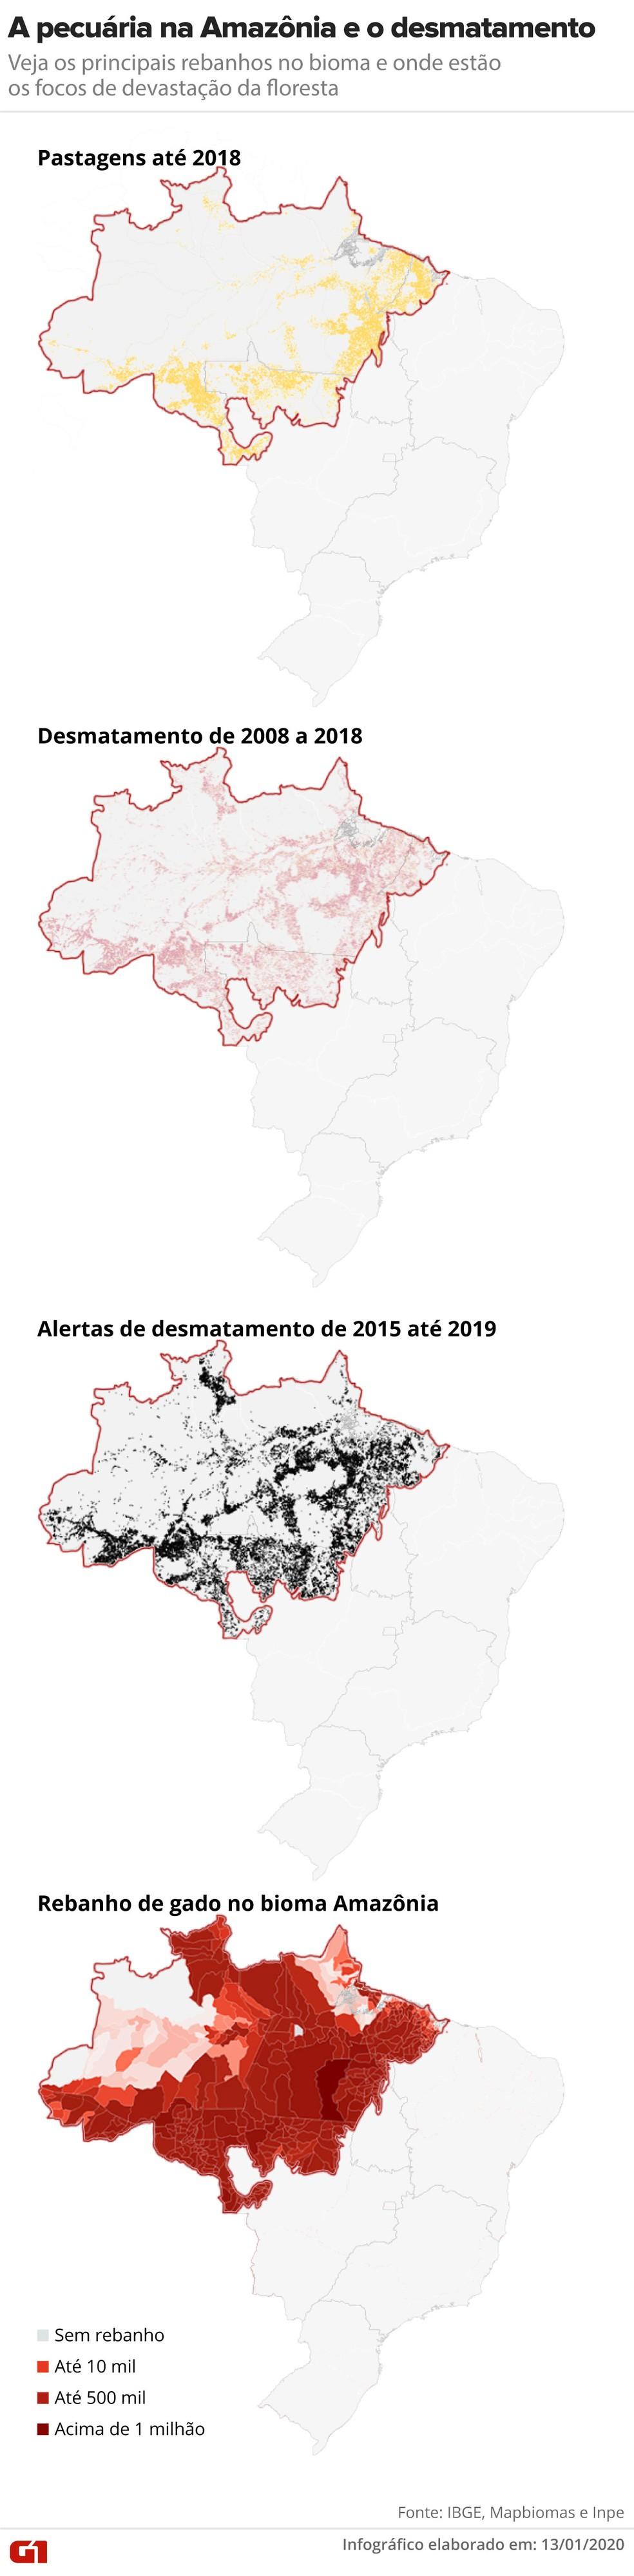 A pecuária e o desmatamento — Foto: Guilherme Pinheiro e Amanda Paes/G1